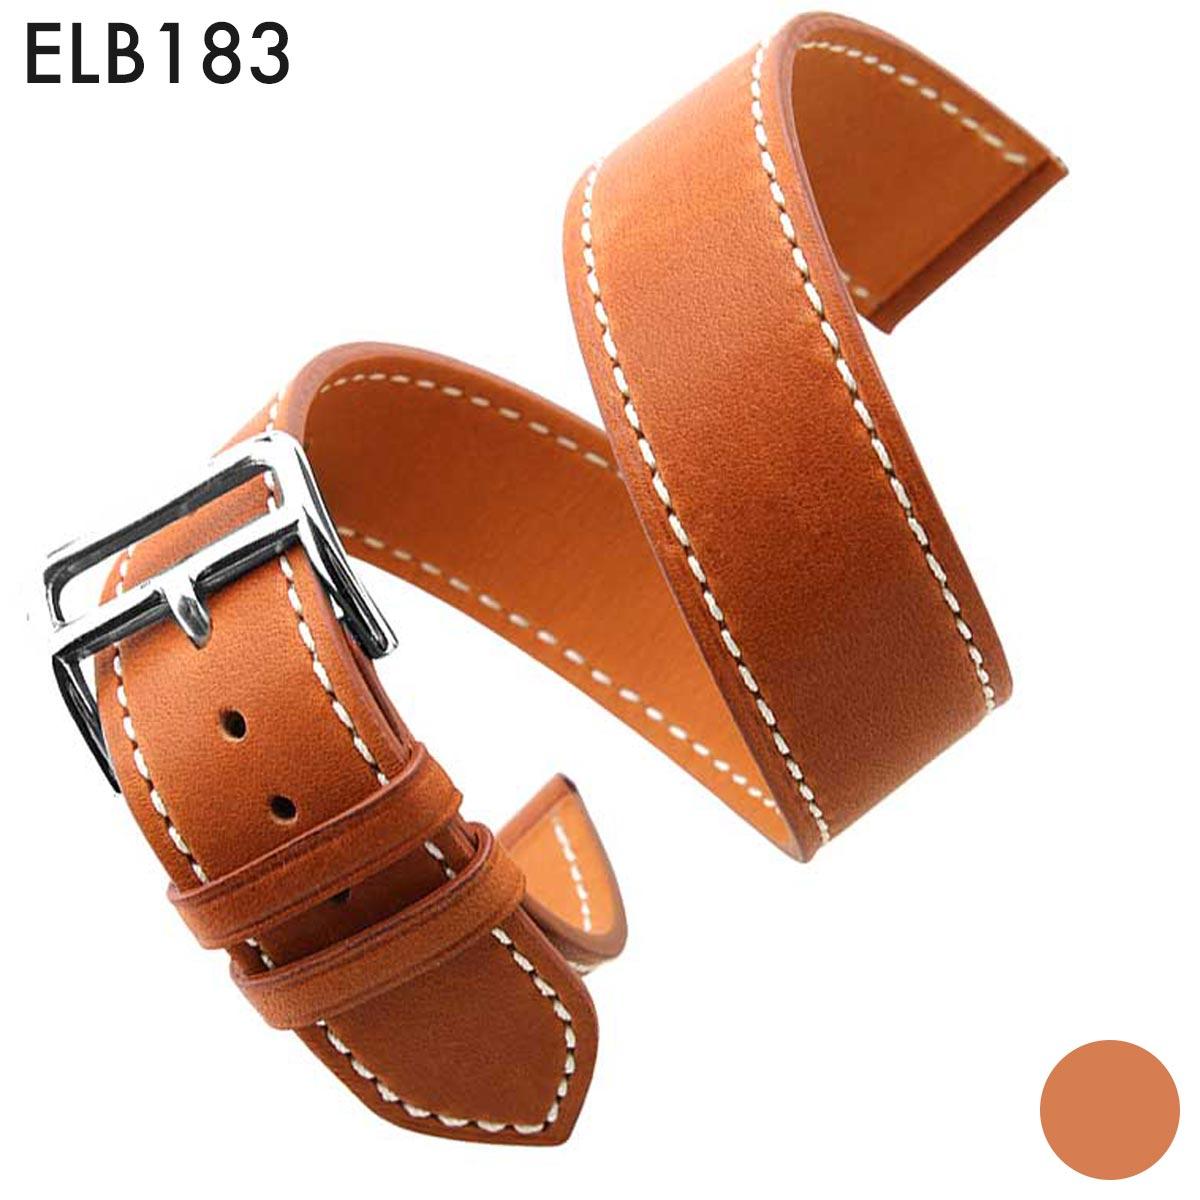 腕時計ベルト 腕時計バンド 替えストラップ 社外品 汎用レザーベルト 革ベルト 取付幅22mm 適用: AppleWatch アップル・ウォッチ (尾錠)ピンバックル付き [ Eight - ELB183 ]